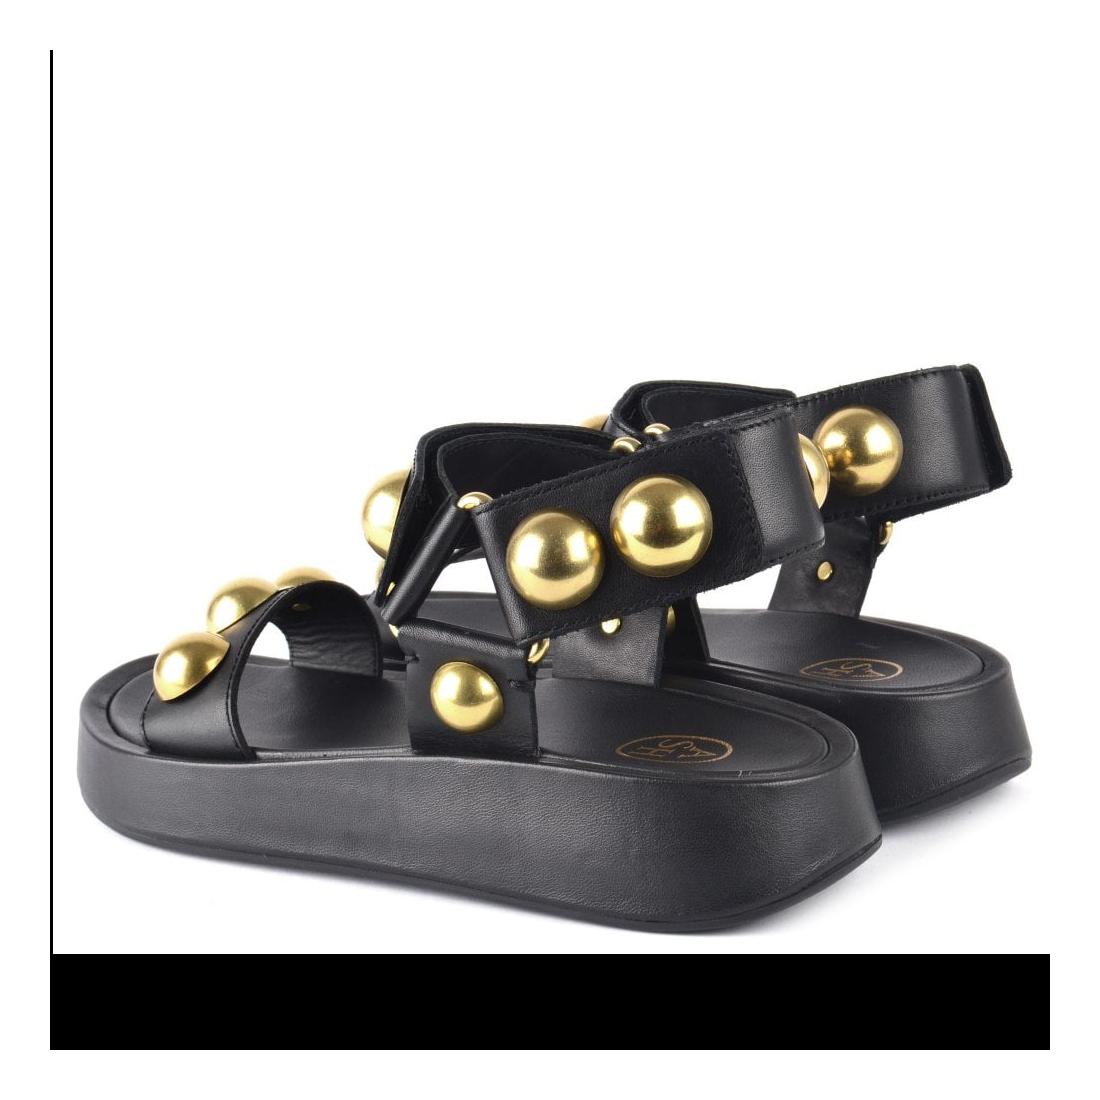 sandals woman ash s20 vlilcan01 7024